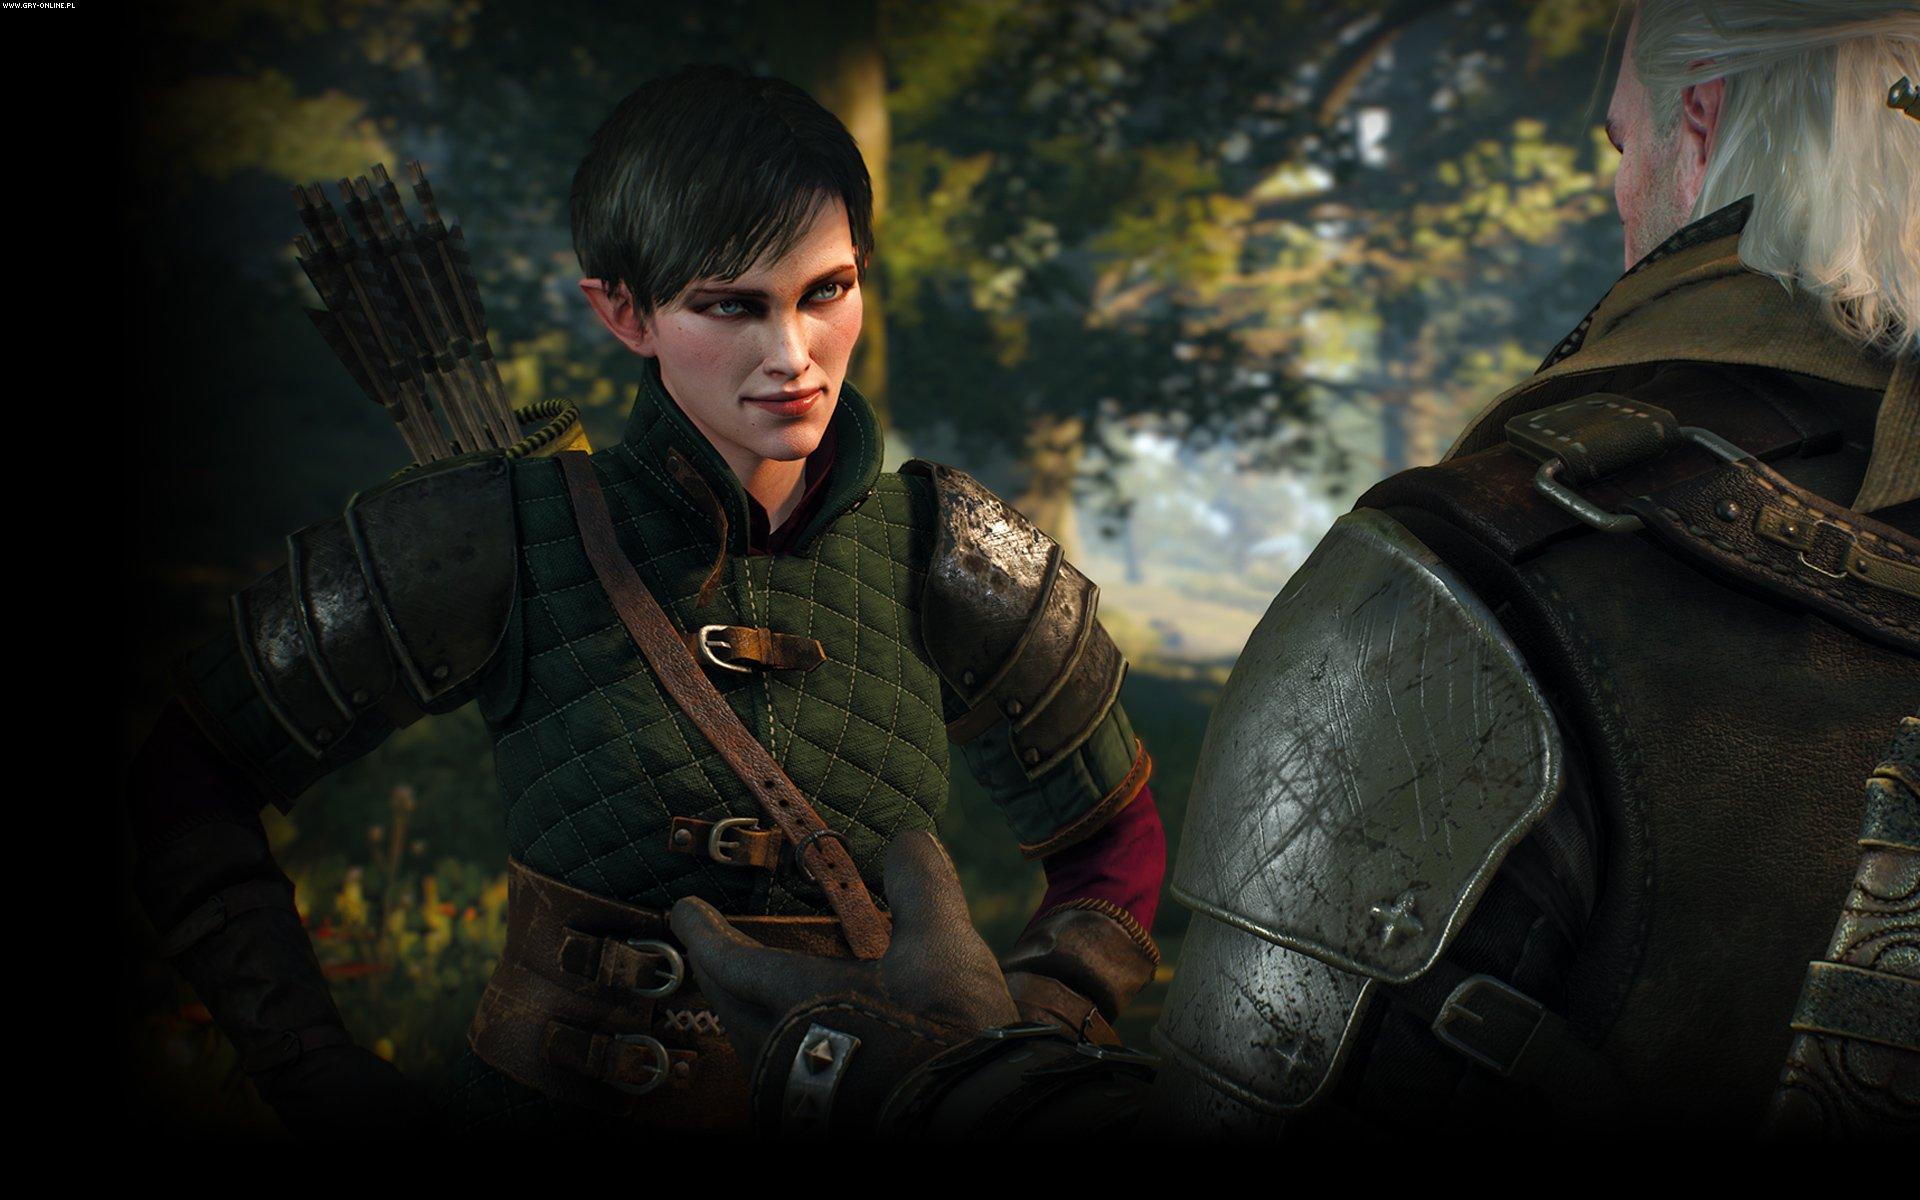 608900778.jpg - Witcher 3: Wild Hunt, the